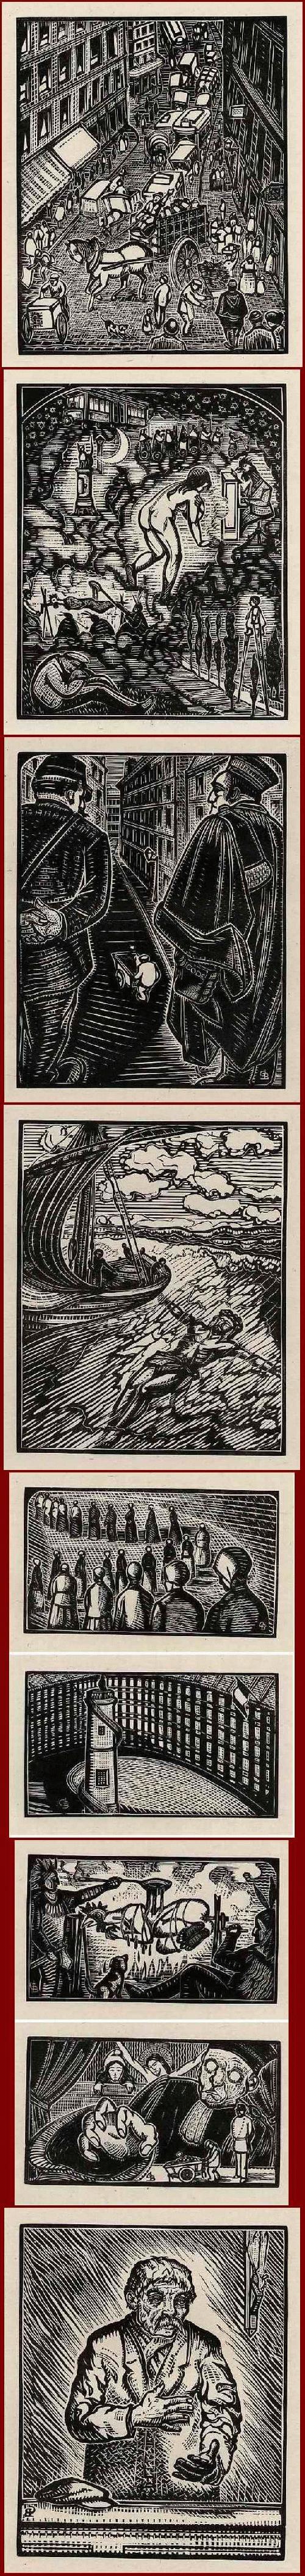 Gabriel Belot - Das KLEINE GLÜCK - Suite von 39 OriginalHolzschnitten - 1928 - Die STROHPUPPE (A.FRANCE) kopen? Bied vanaf 95!